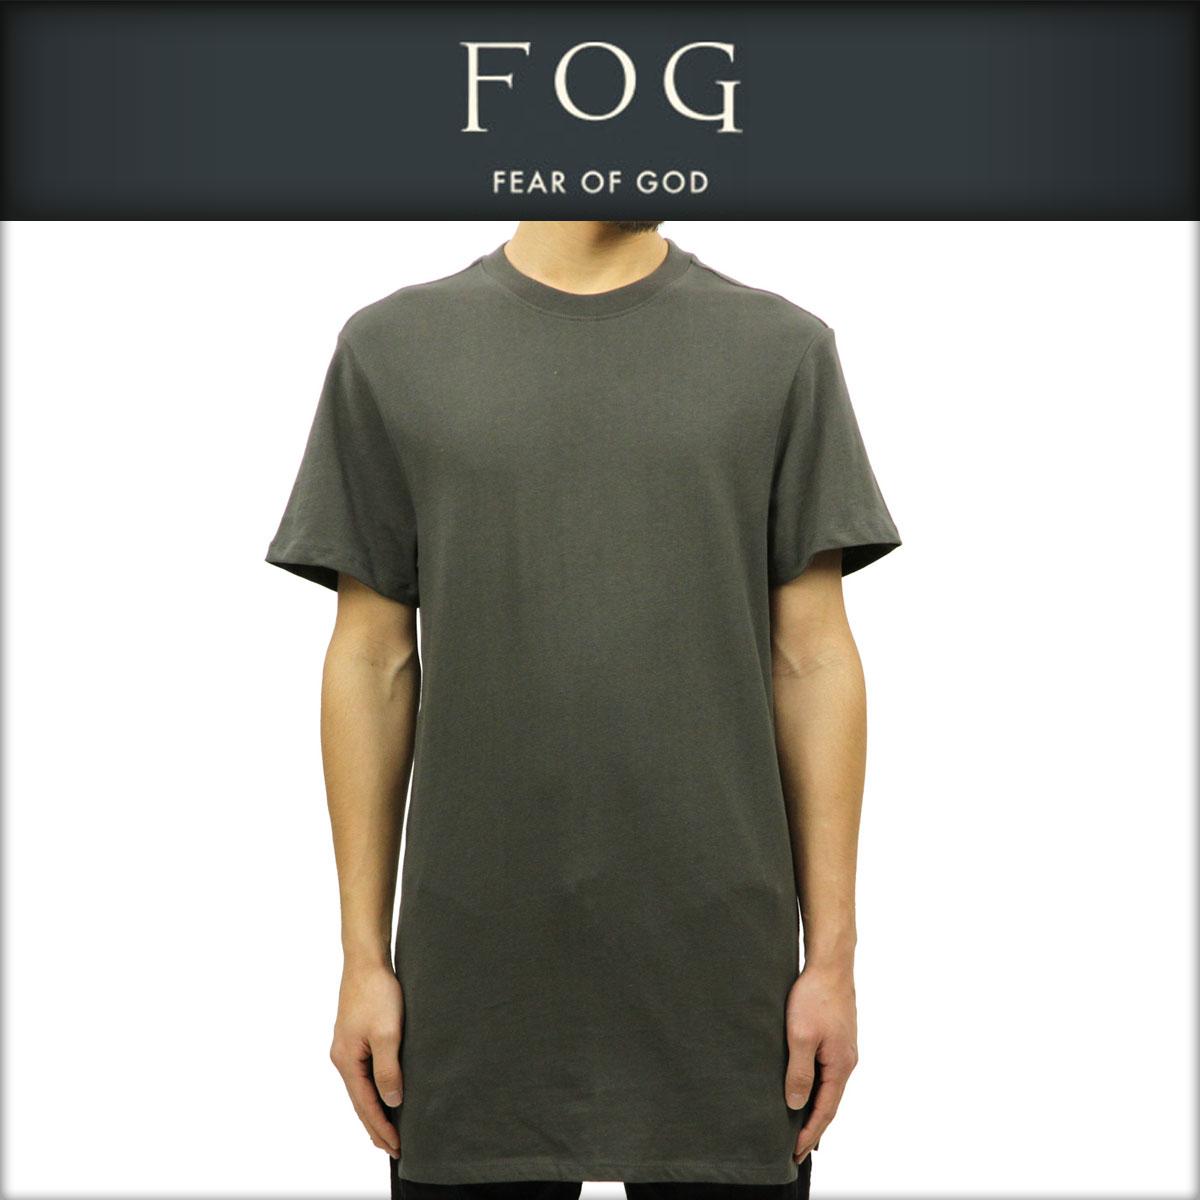 フィアオブゴッド FEAR OF GOD 正規品 メンズ 半袖Tシャツ FOG - FEAR OF GOD ESSENTIALS BASIC T-SHIRT RAVEN